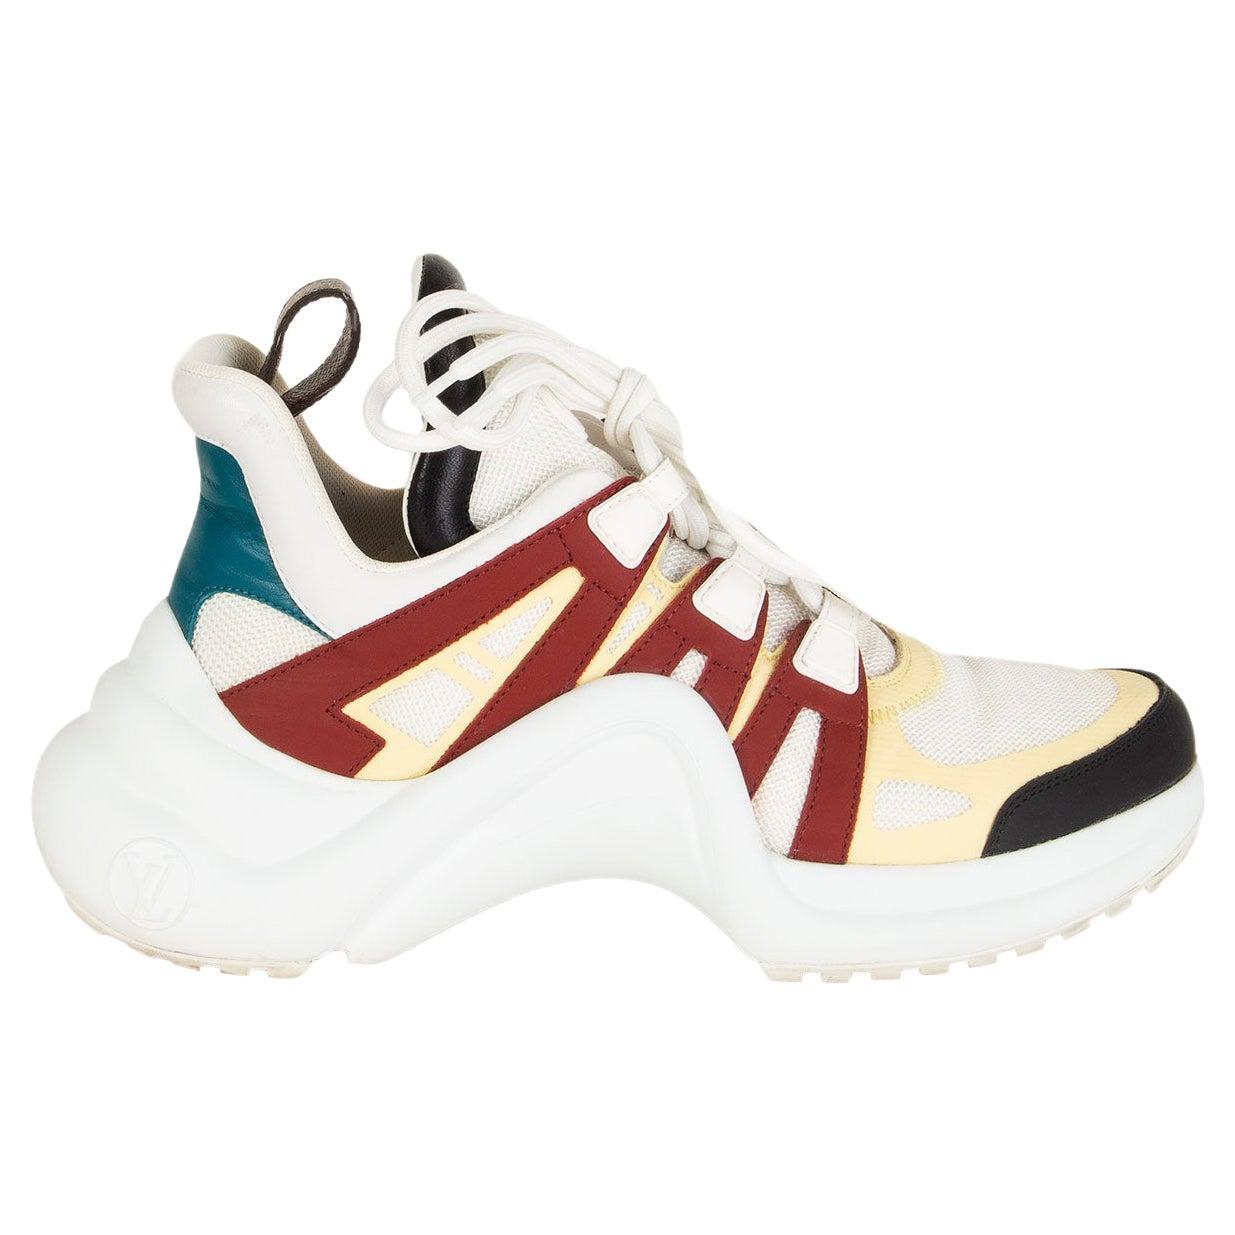 LOUIS VUITTON Archlight Sneaker Shoes 38